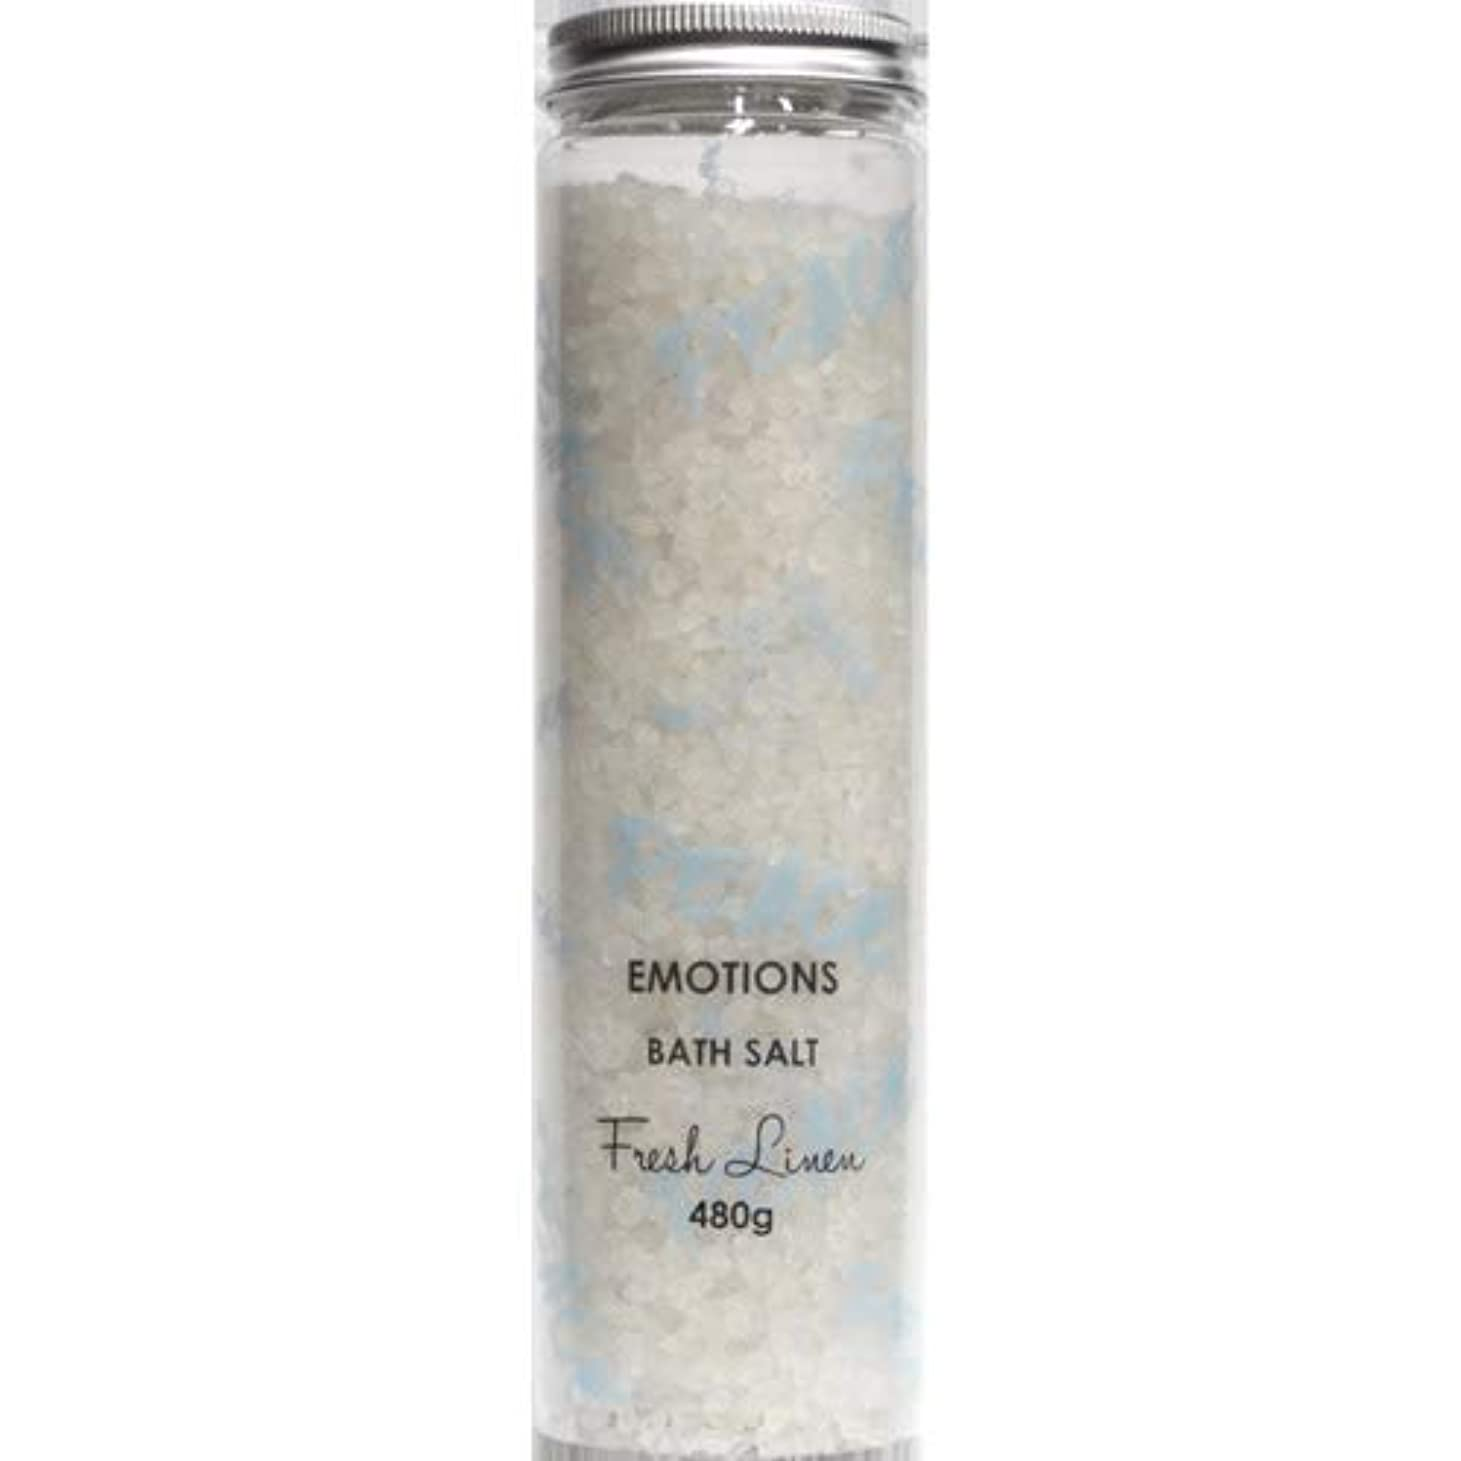 寛大なフラフープ再び三和トレーディング EMOTIONS エモーション Fragranced Bath Salts バスソルト Peace ピース(Fresh Linen フレッシュリネン)